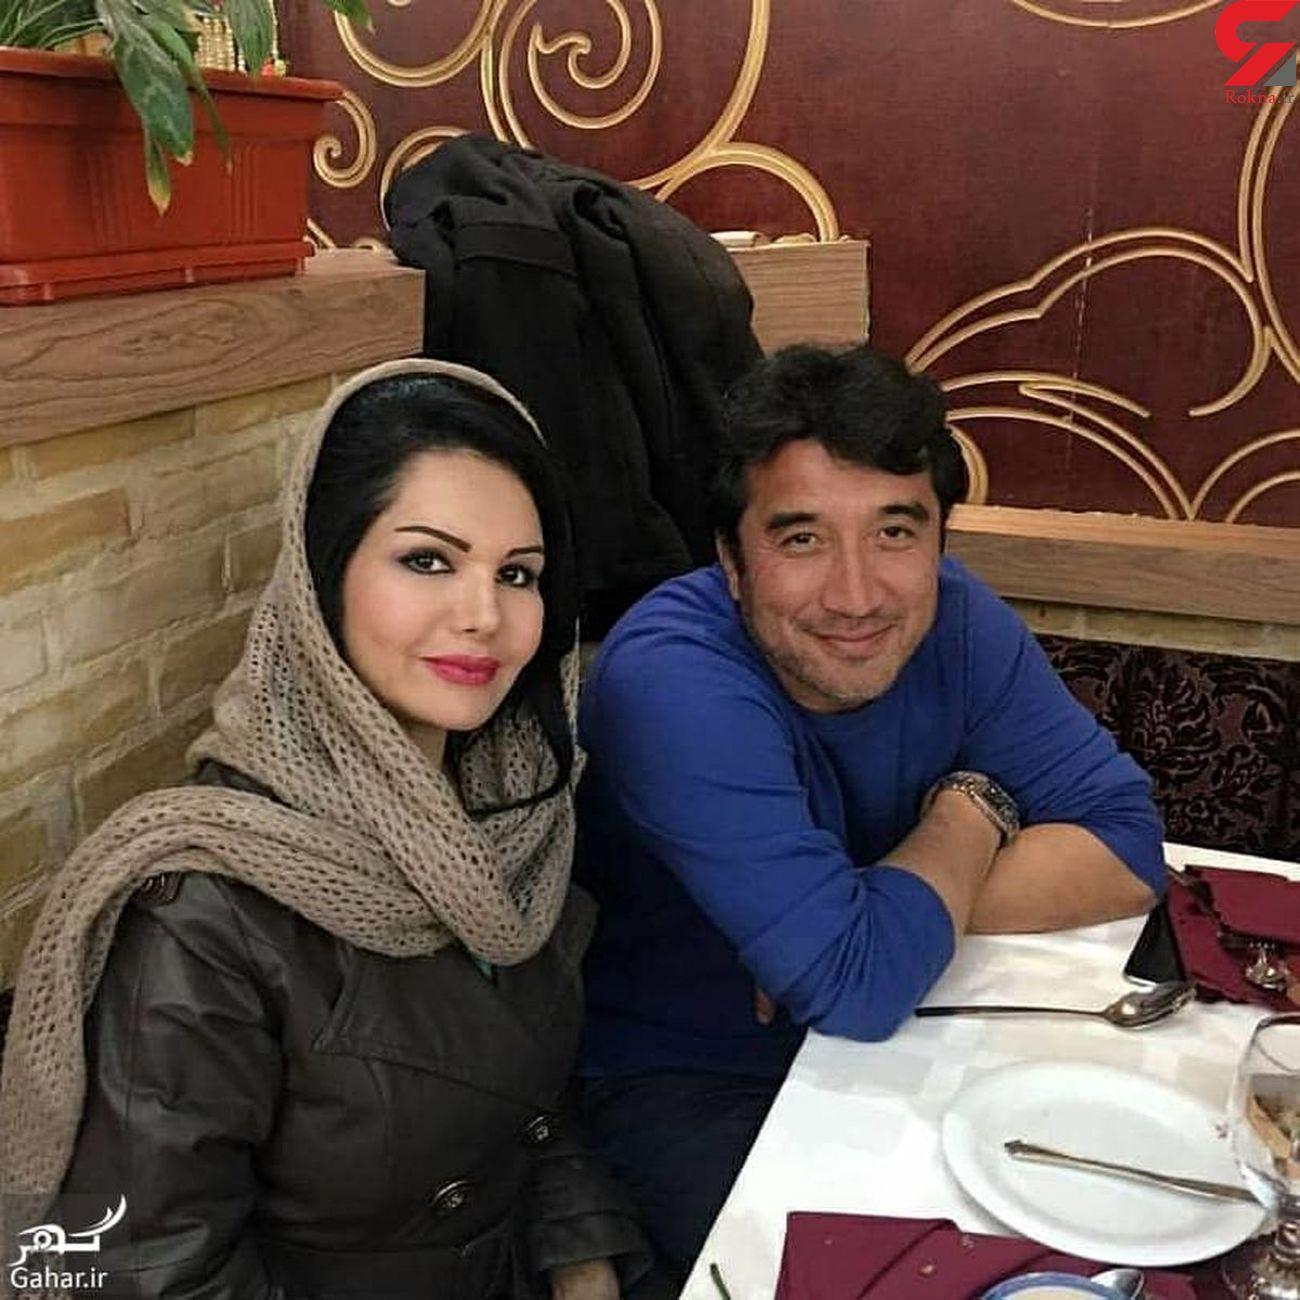 عکس دختر زیبای خداداد عزیزی و همسر محجبه اش ! / شوکه می شوید! + عکس